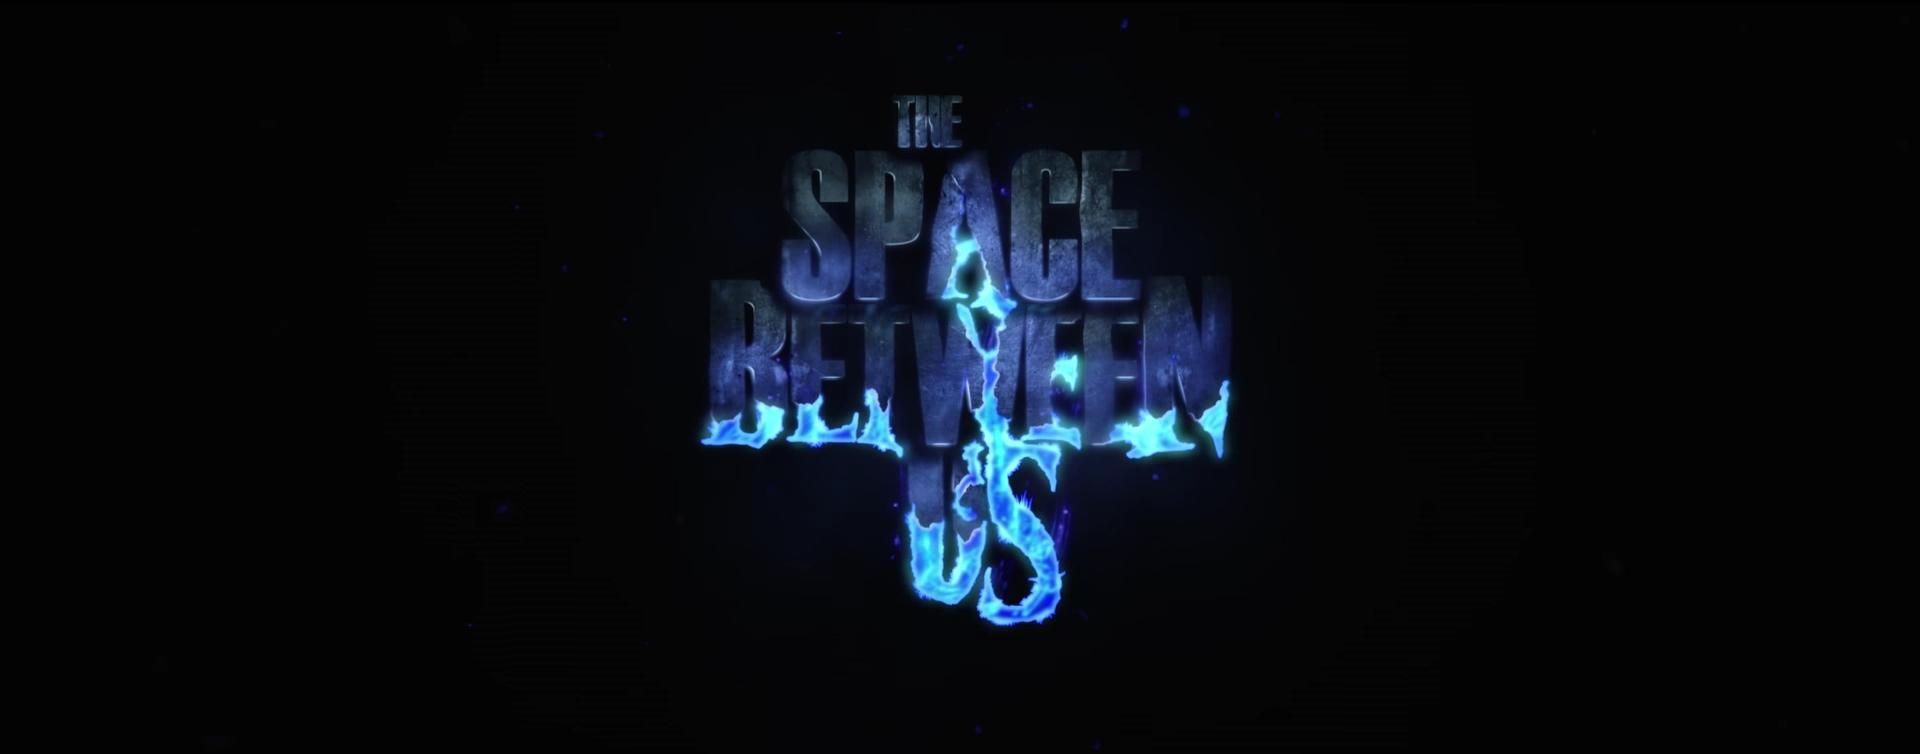 [KURZFILM]: The Space Between Us